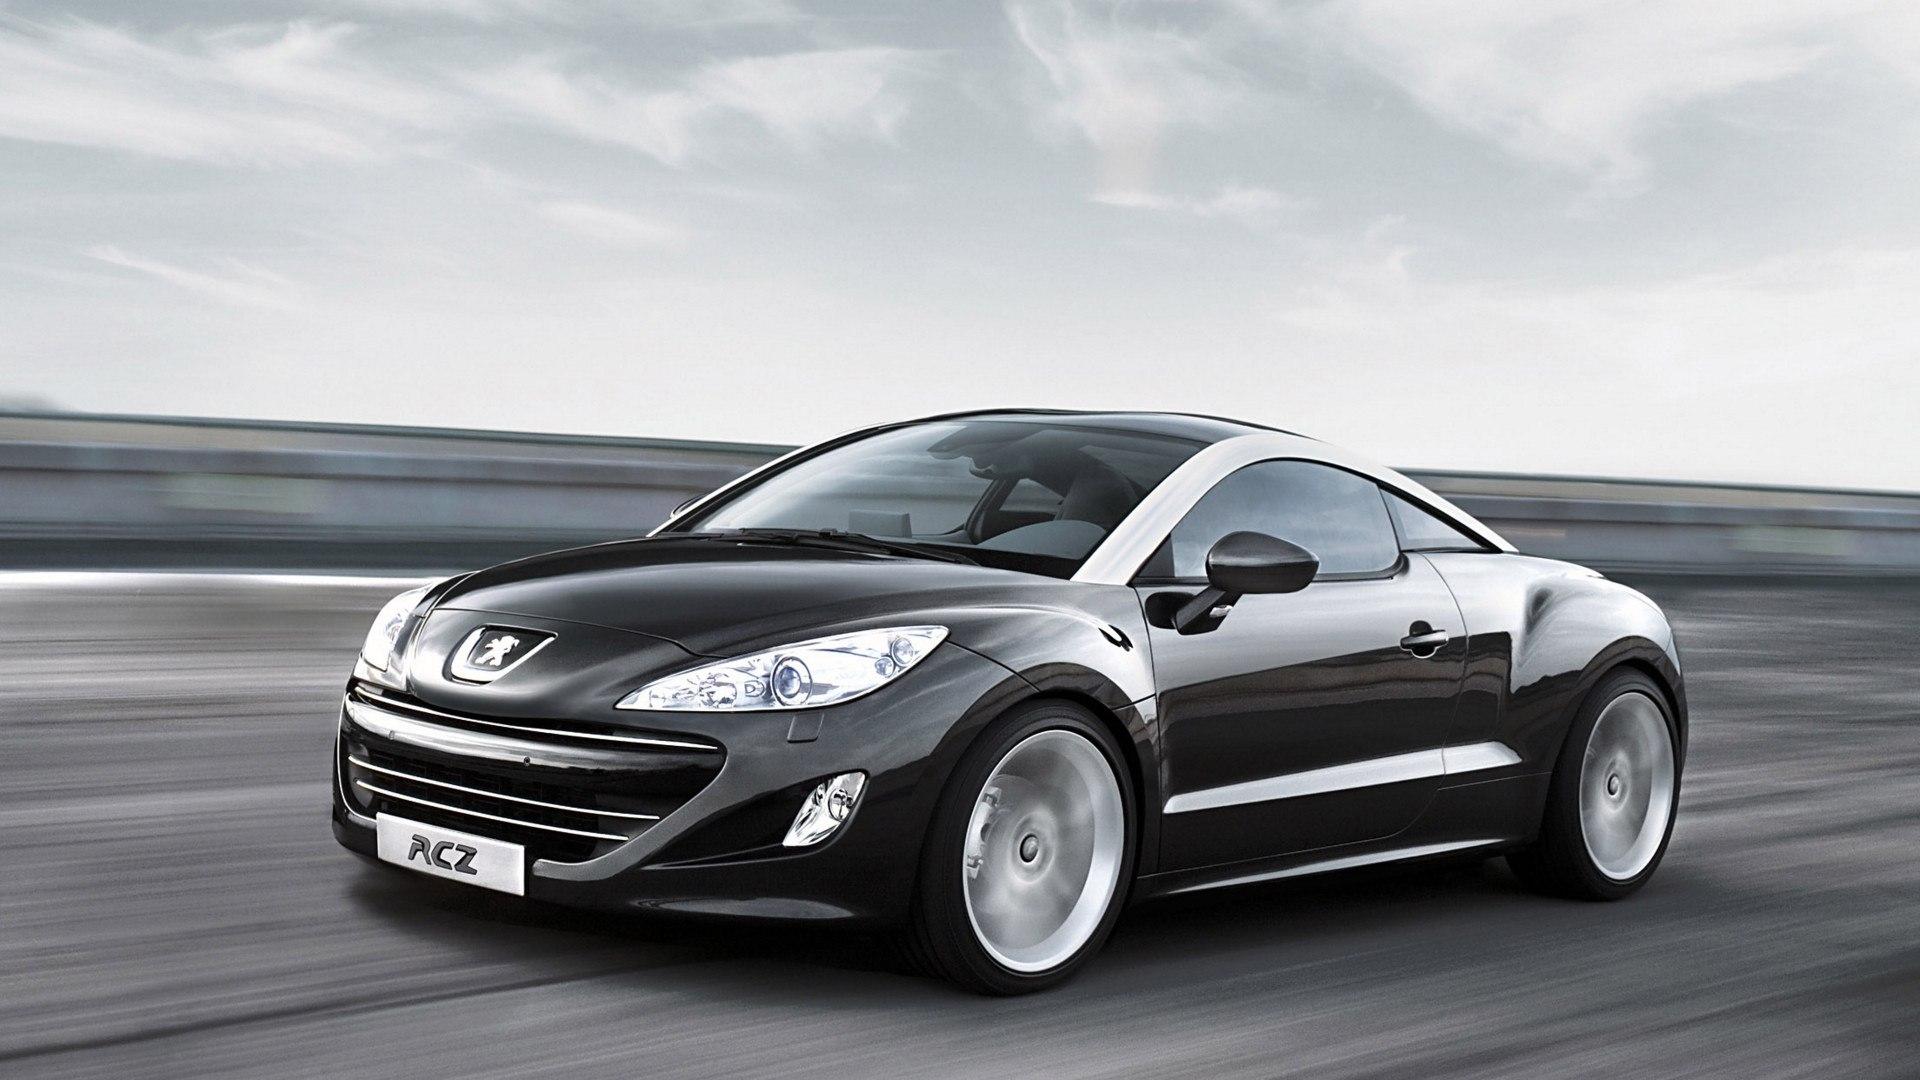 Coche del día: Peugeot RCZ